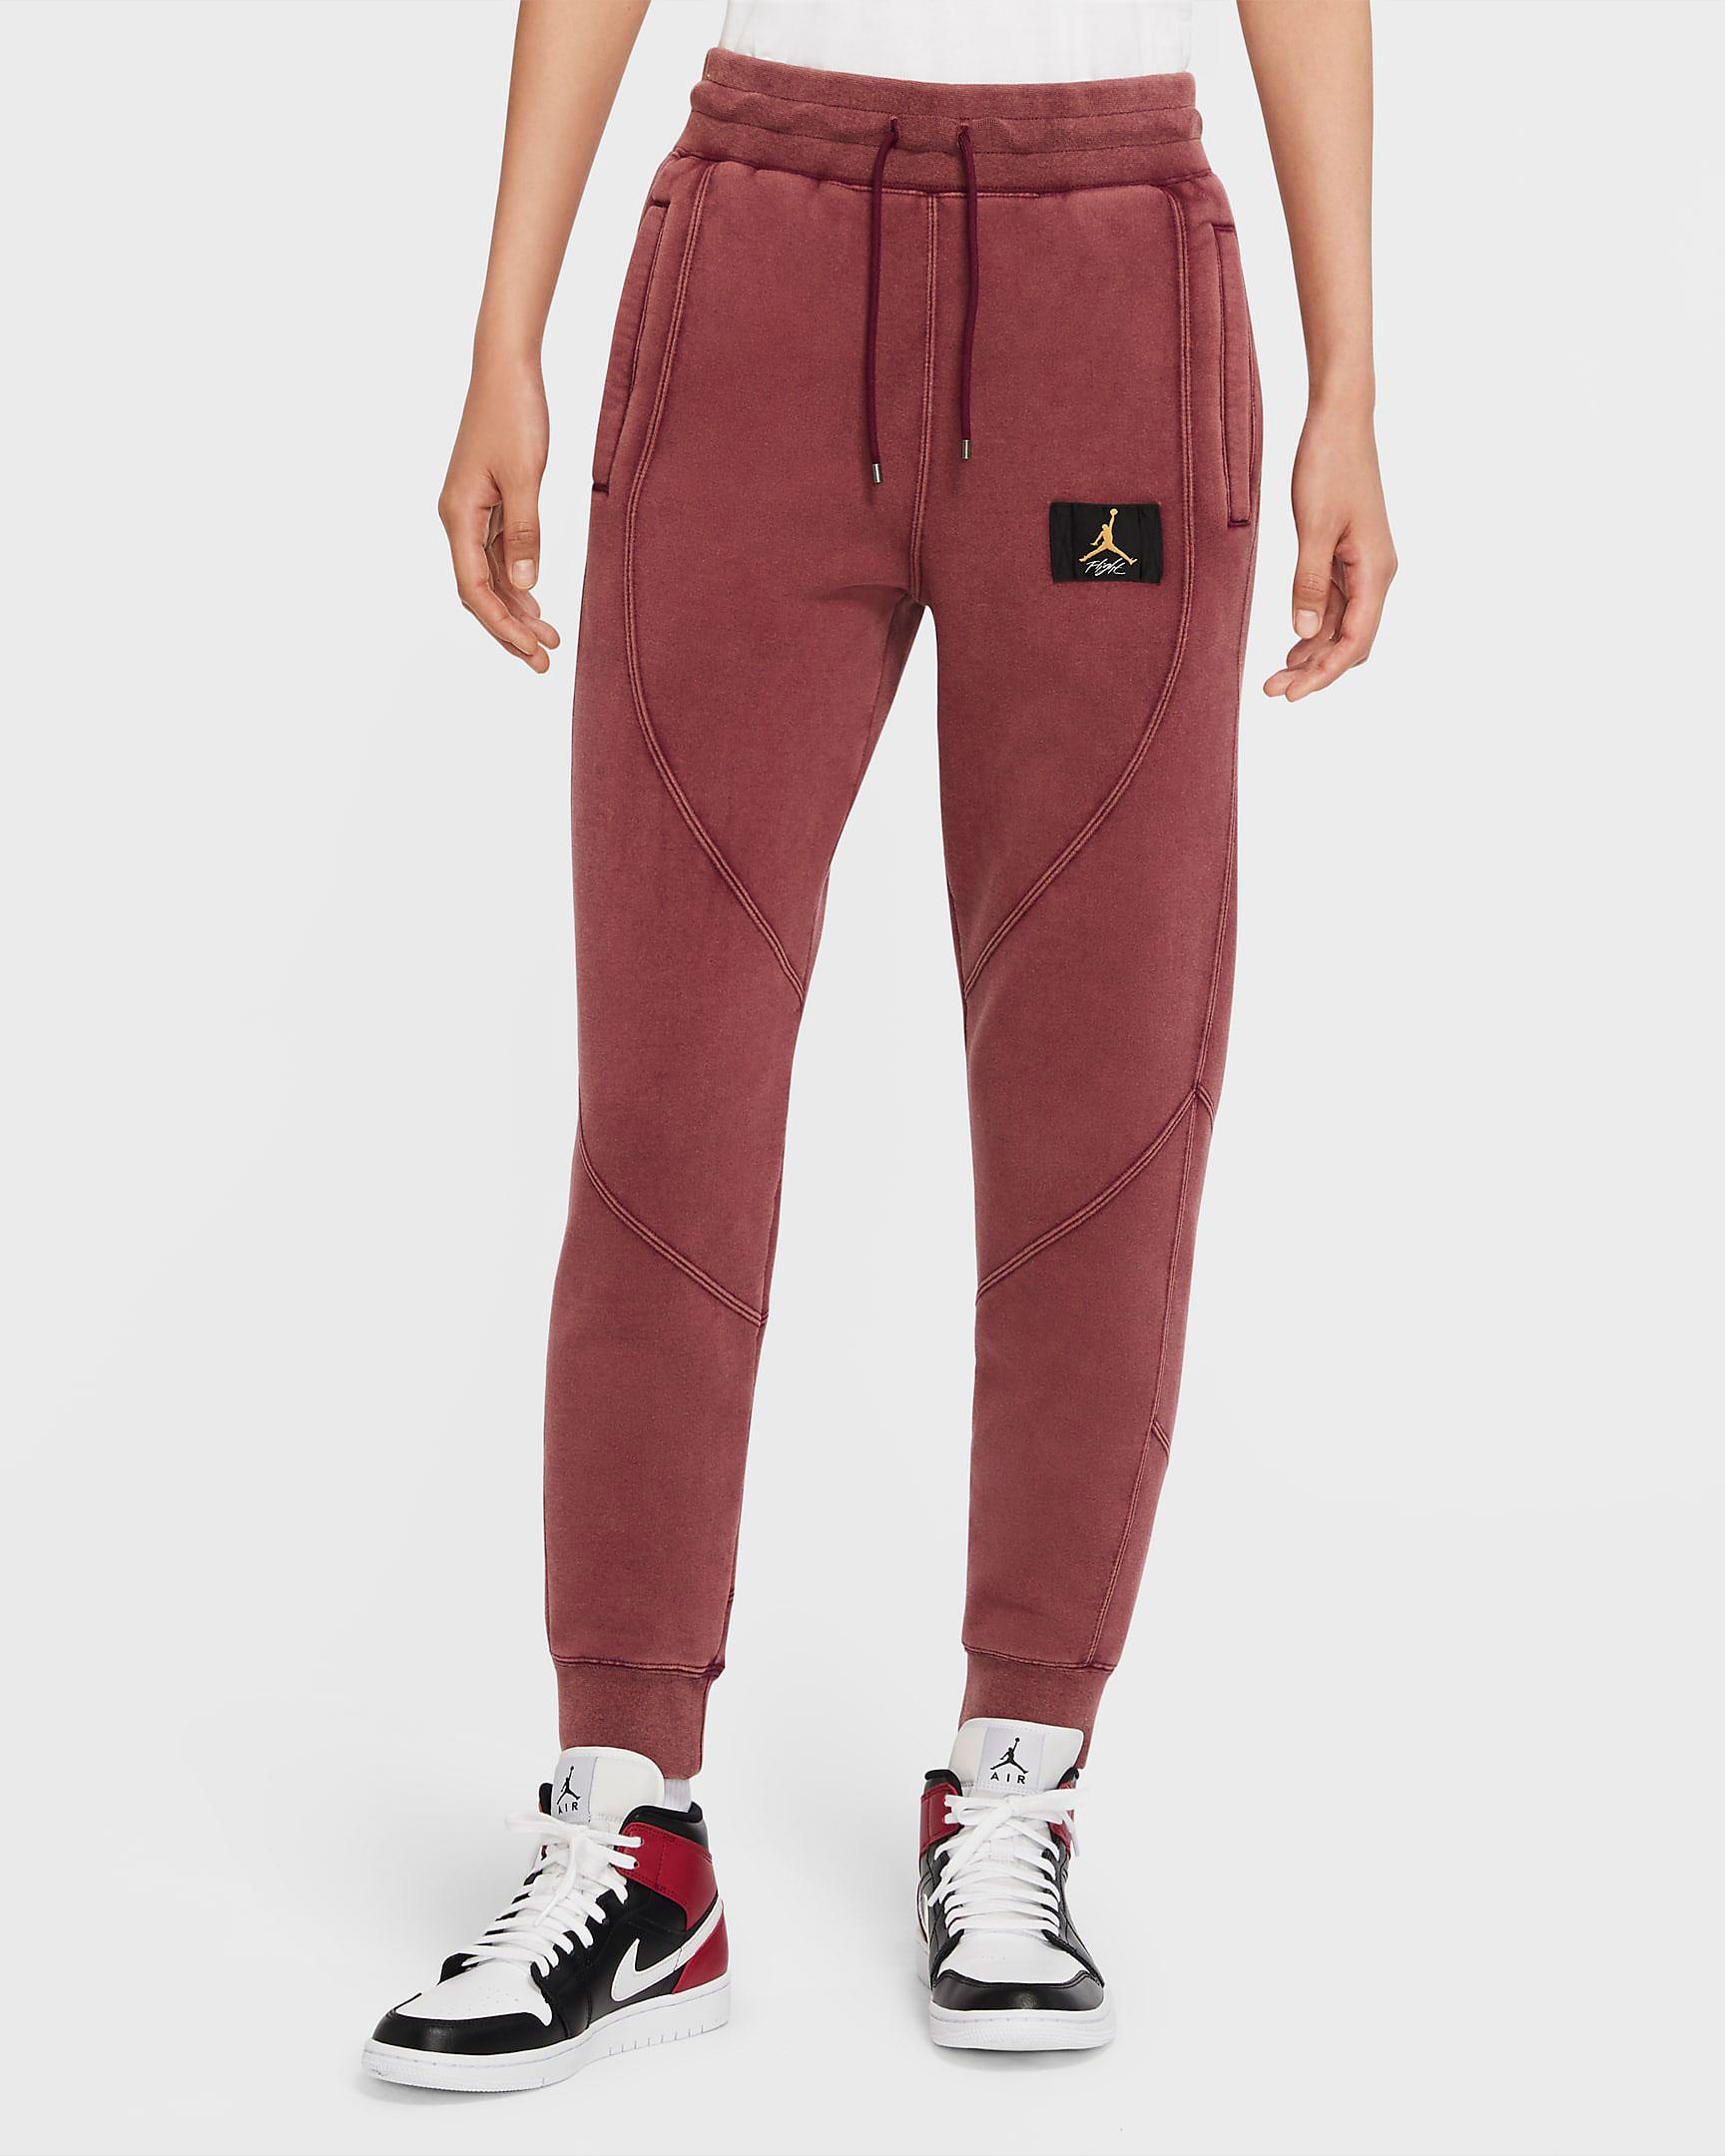 jordan-womens-flight-fleece-pants-bordeaux-laser-orange